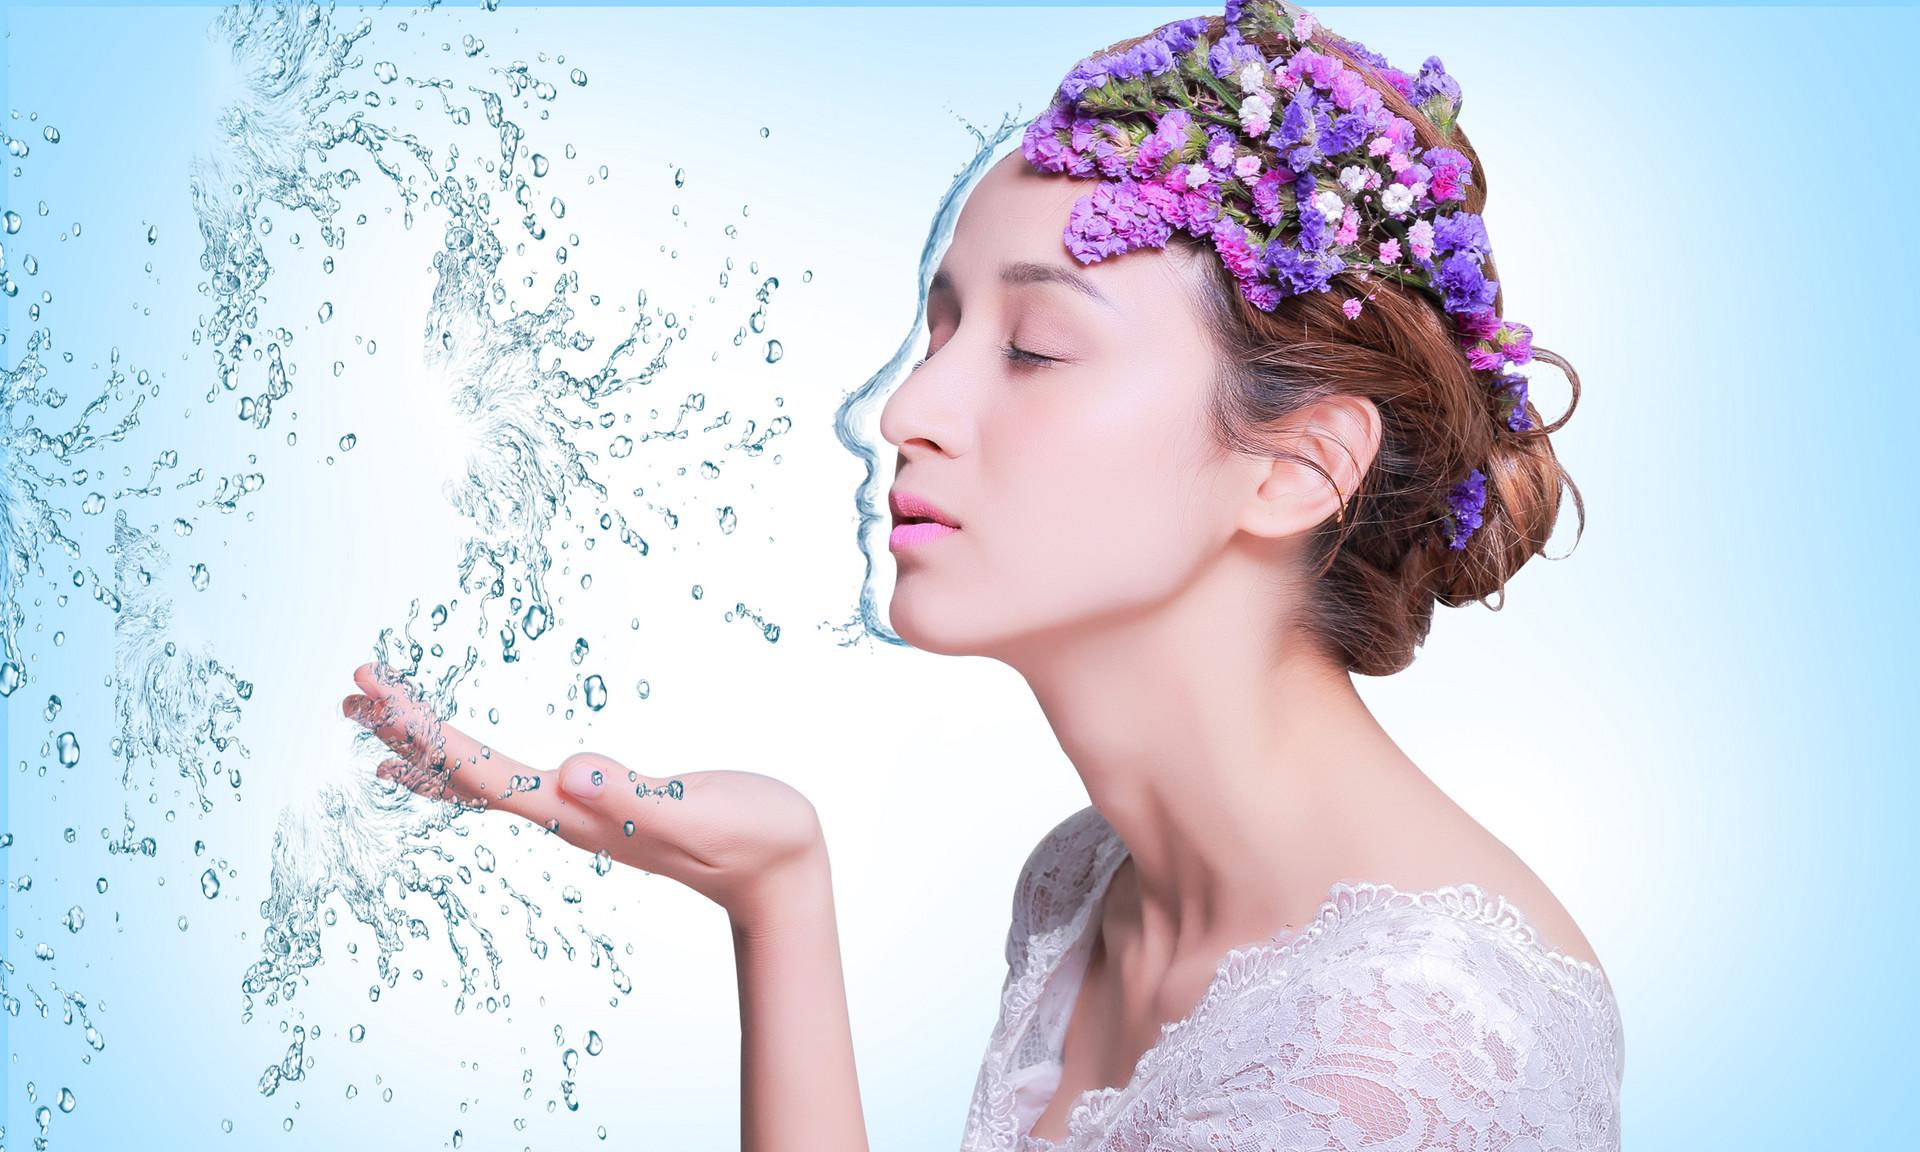 皮肤缺水怎么补水最快?5个皮肤补水小窍门!